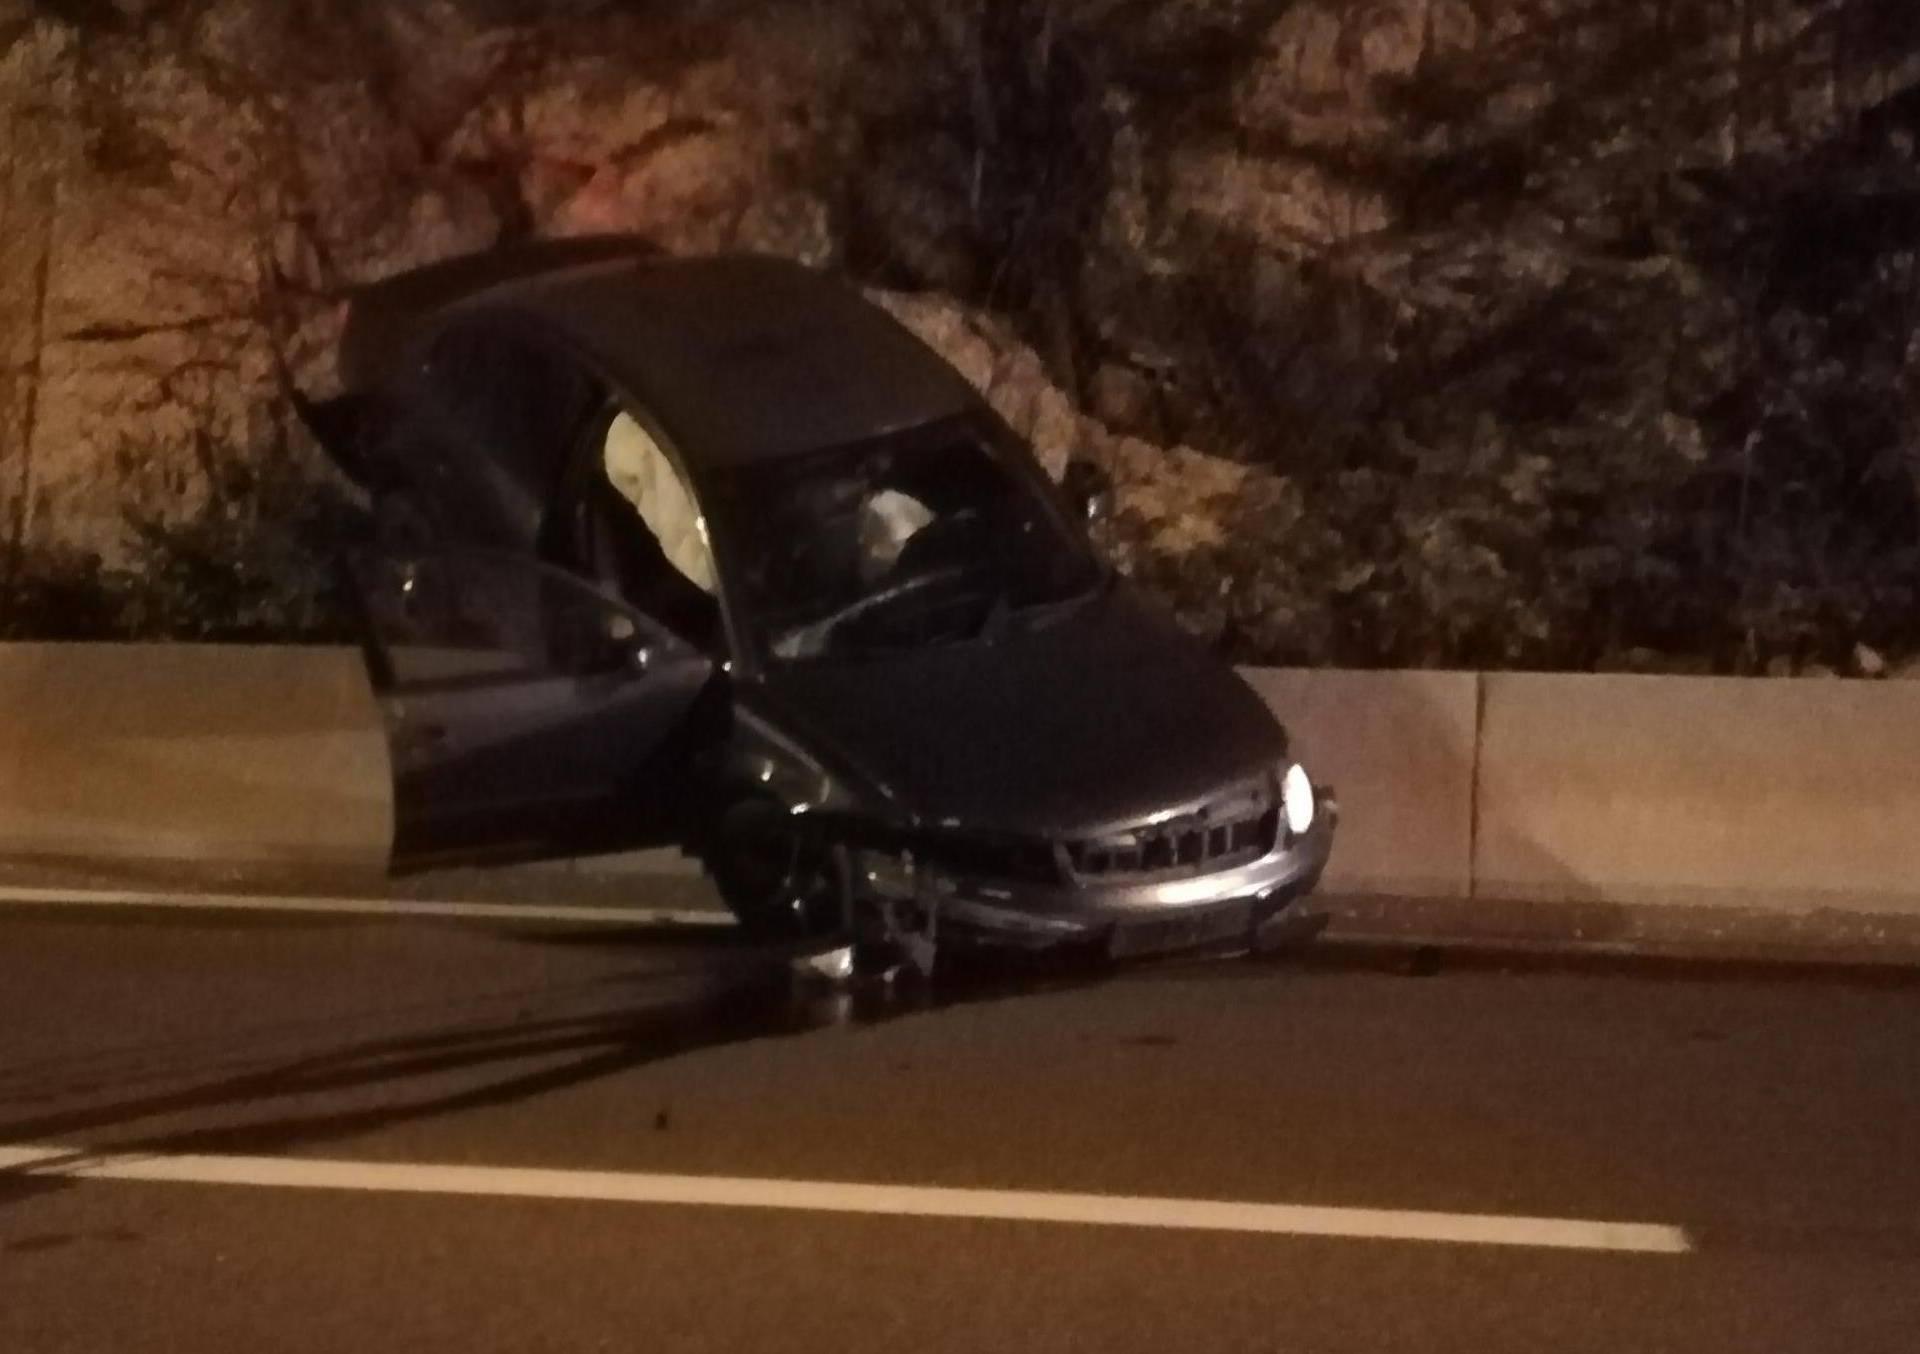 Traži se vozač: Slupao je auto kraj Splita i pobjegao pješice